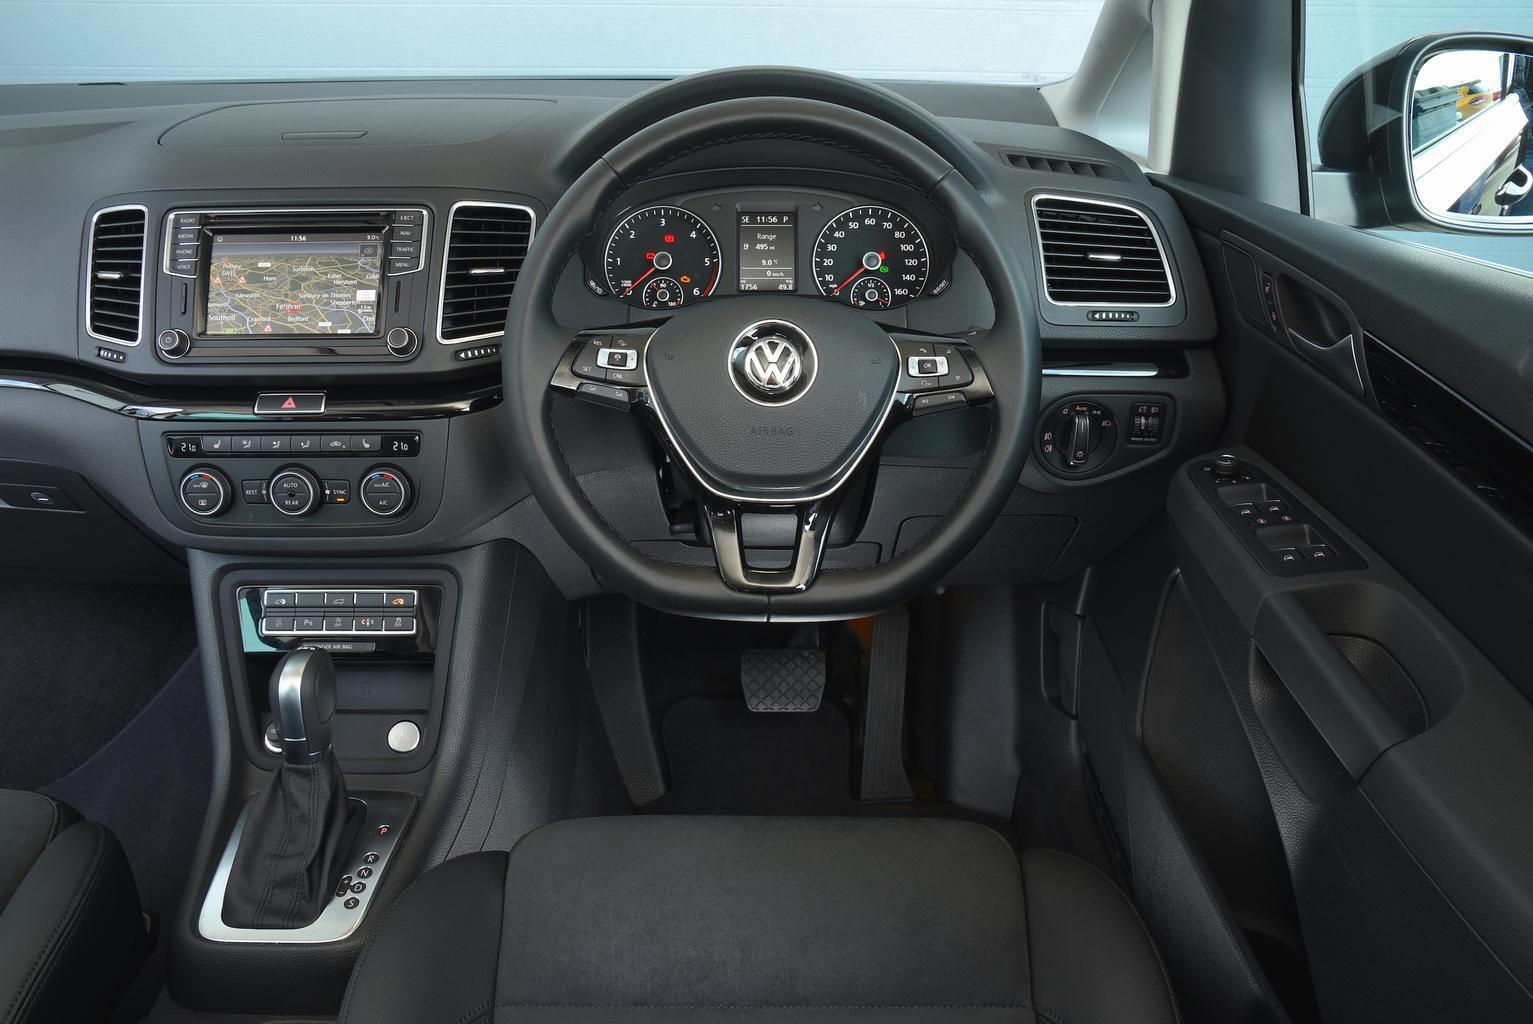 Volkswagen Sharan 2.0 TDI SCR 150 SE Nav - interior